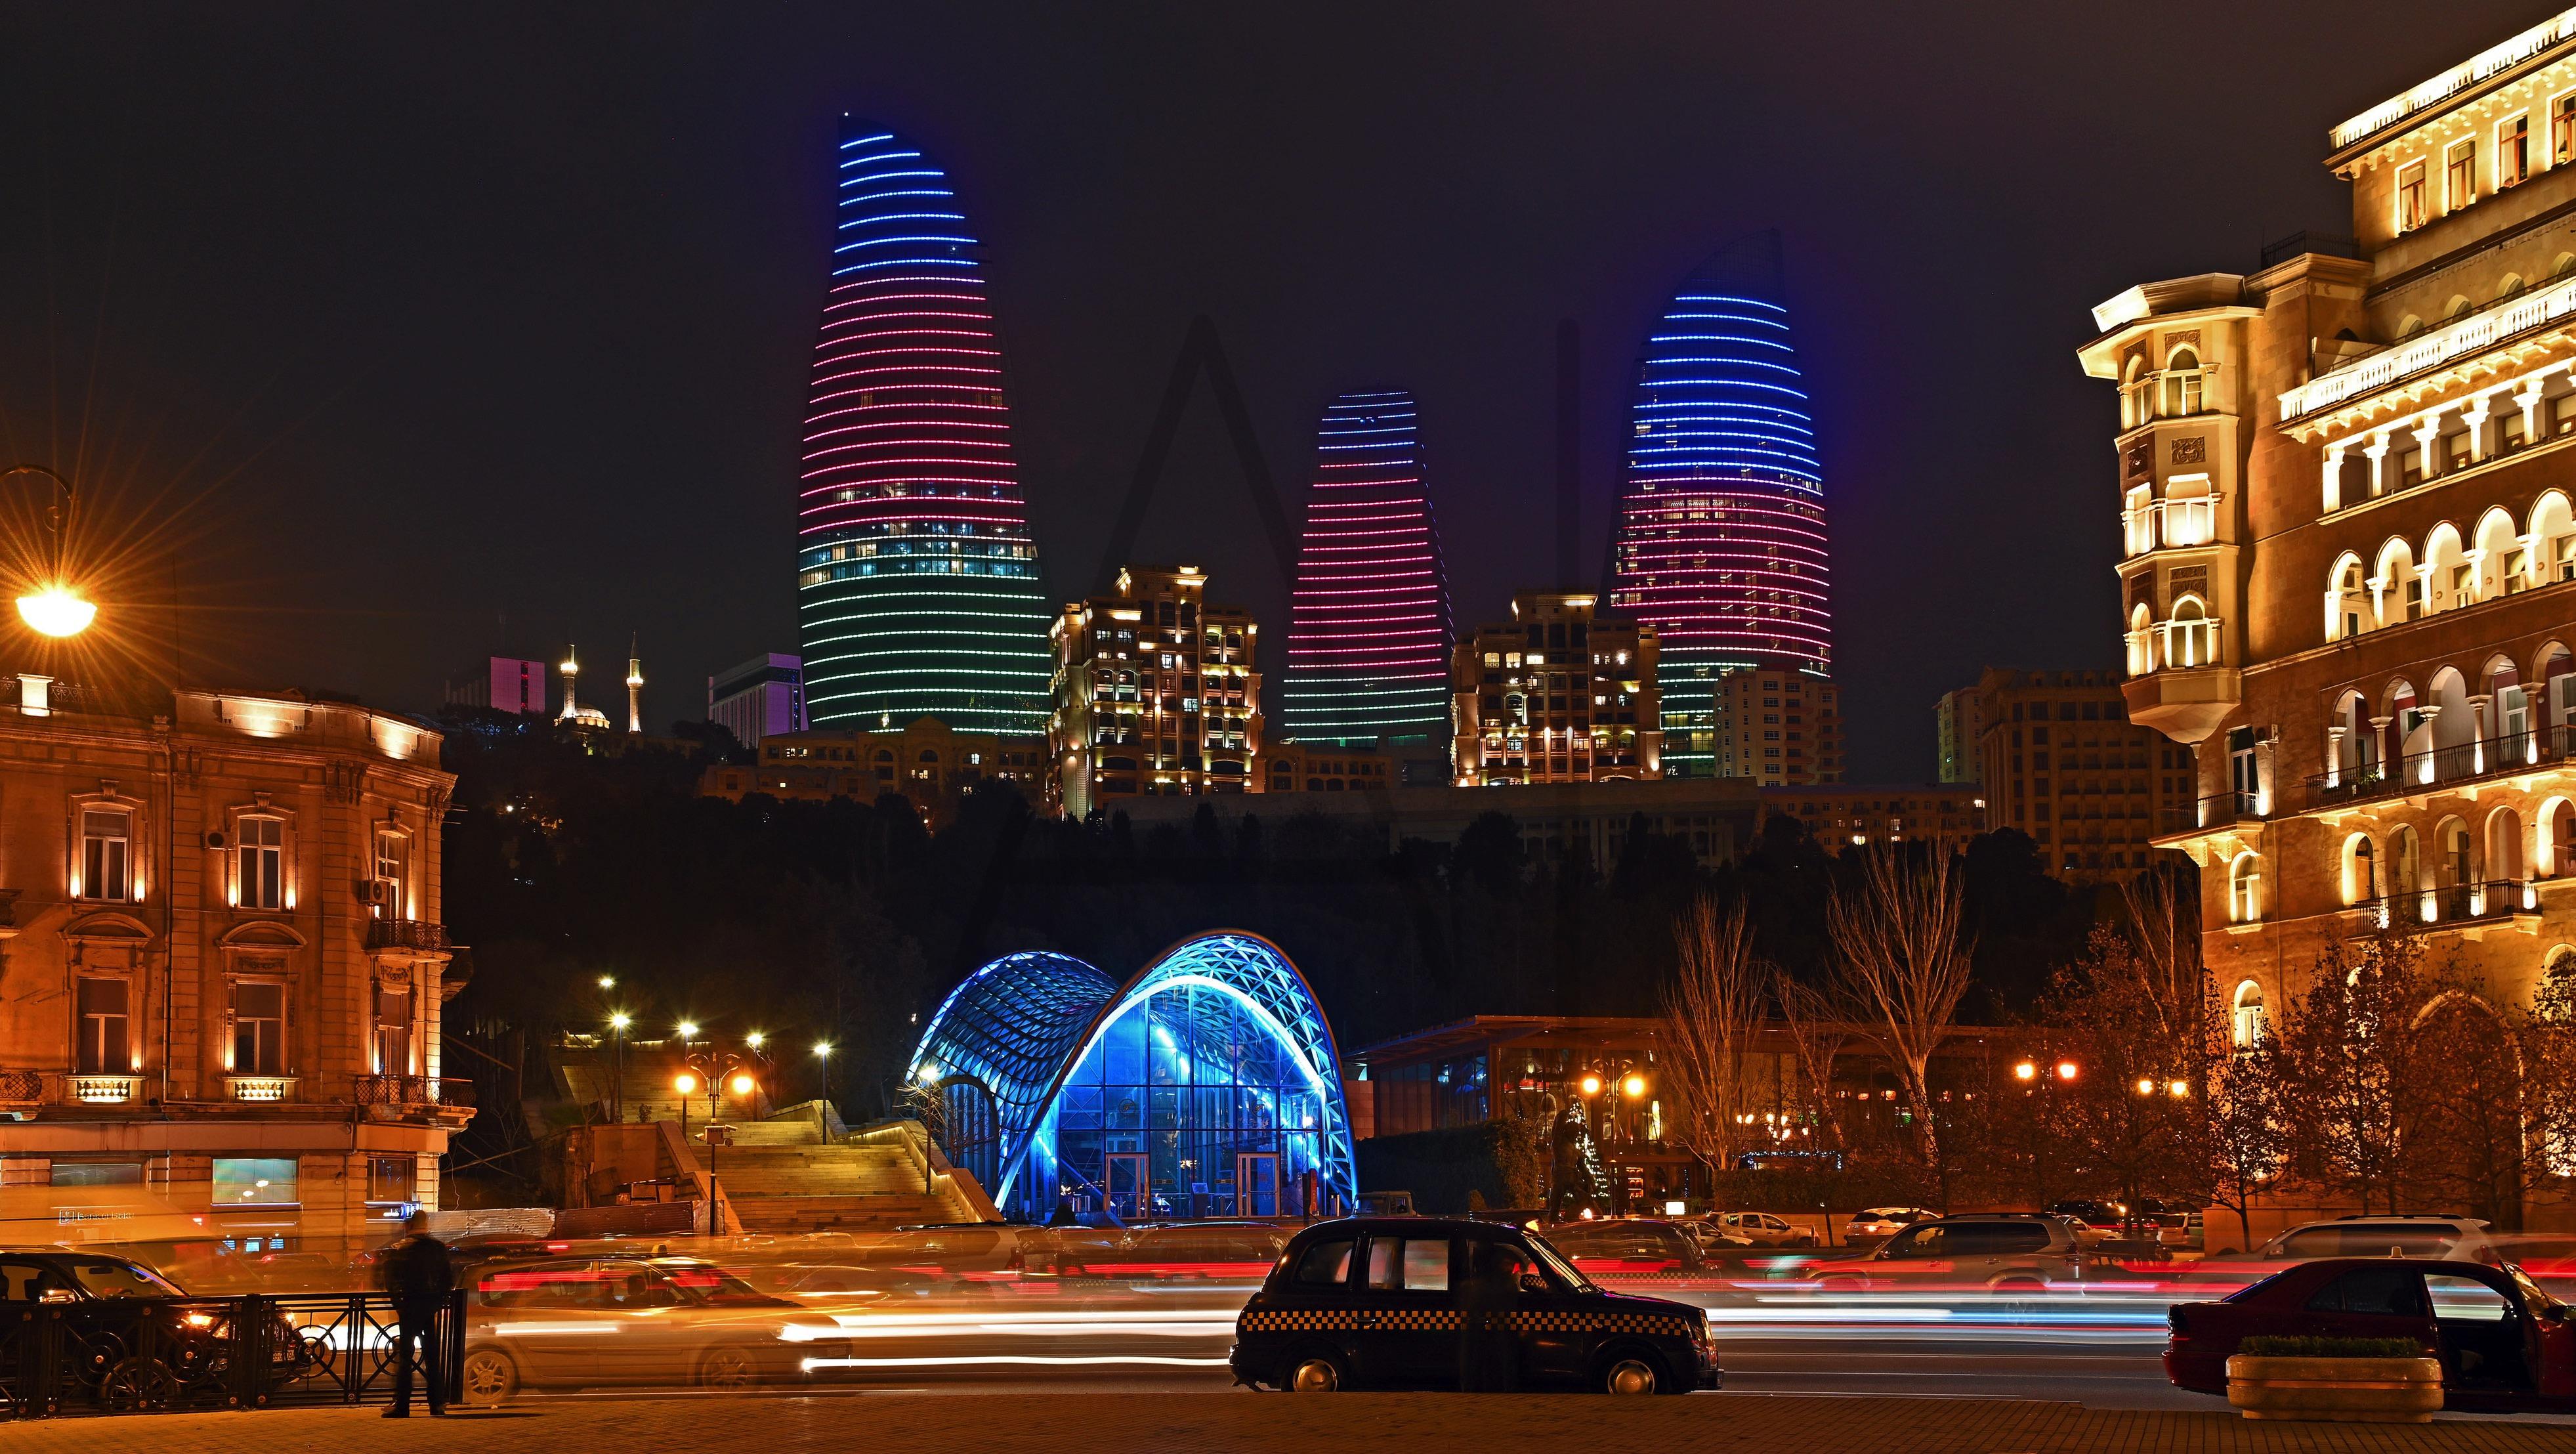 <i>Flame Towers, Baku (Azerbaijan)<i>